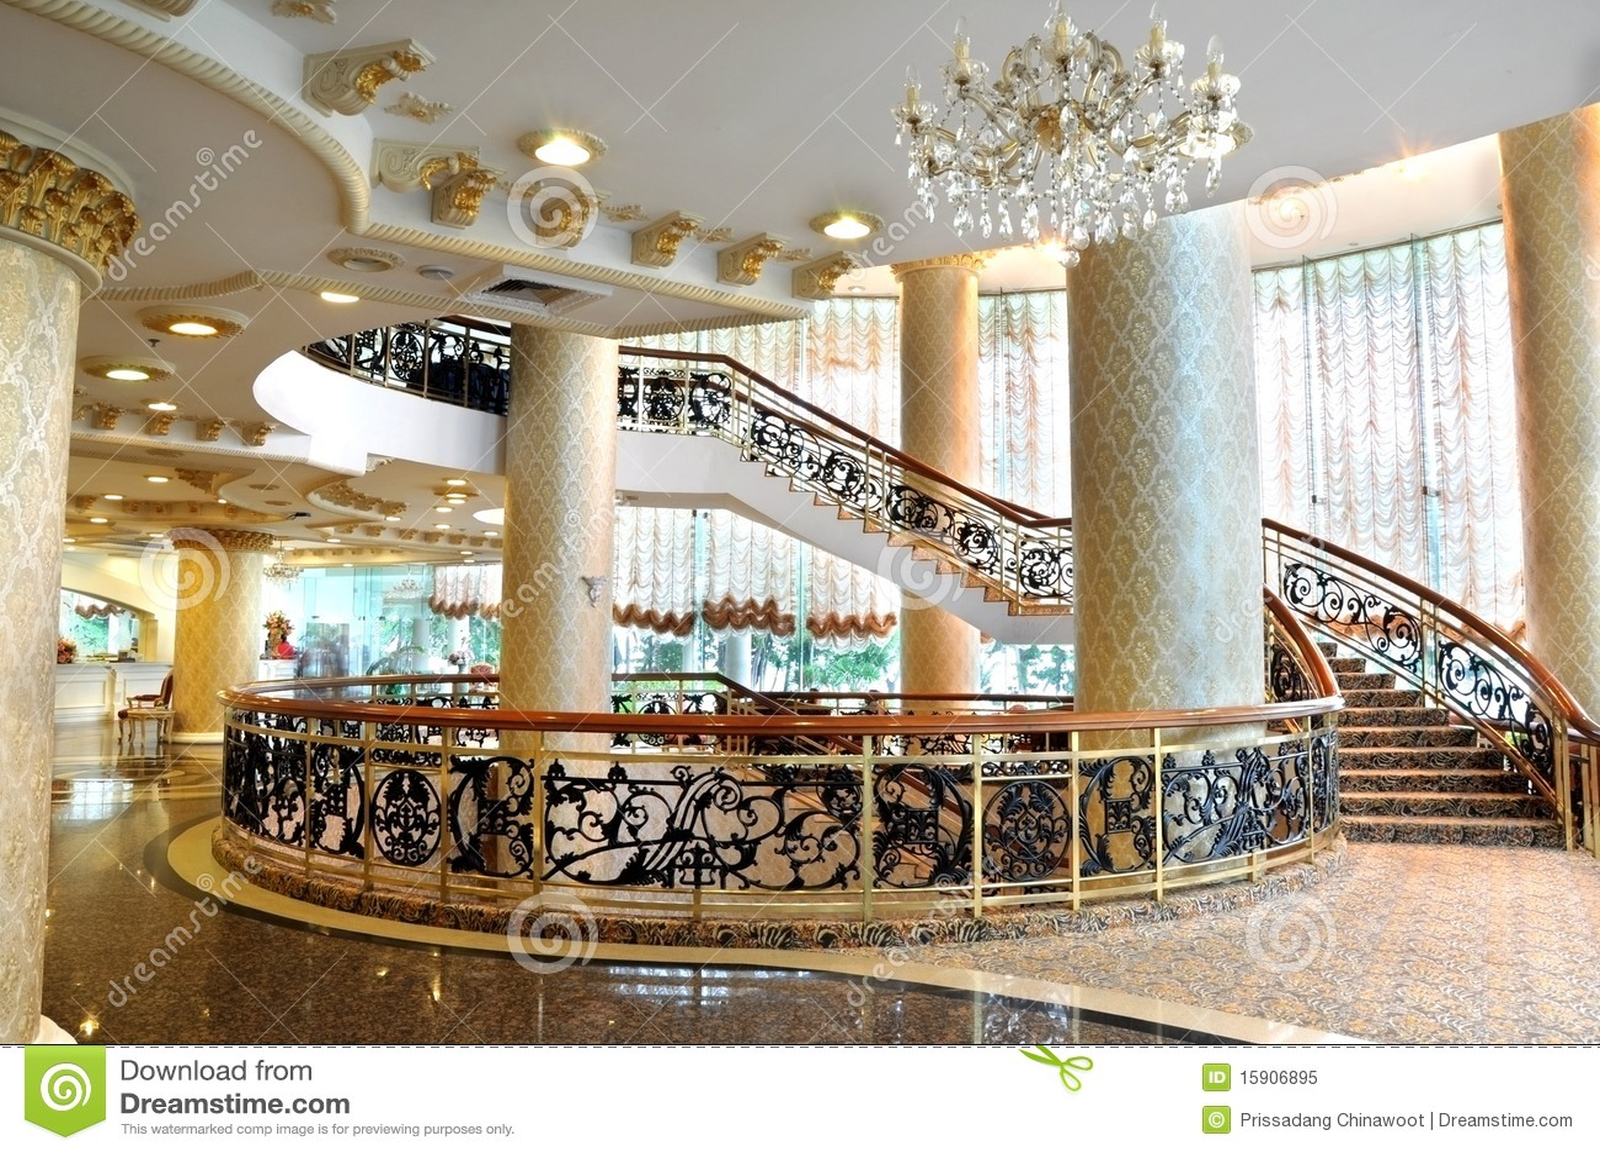 Hotel Lobby Royalty Free Stock Photo - Image: 15906895